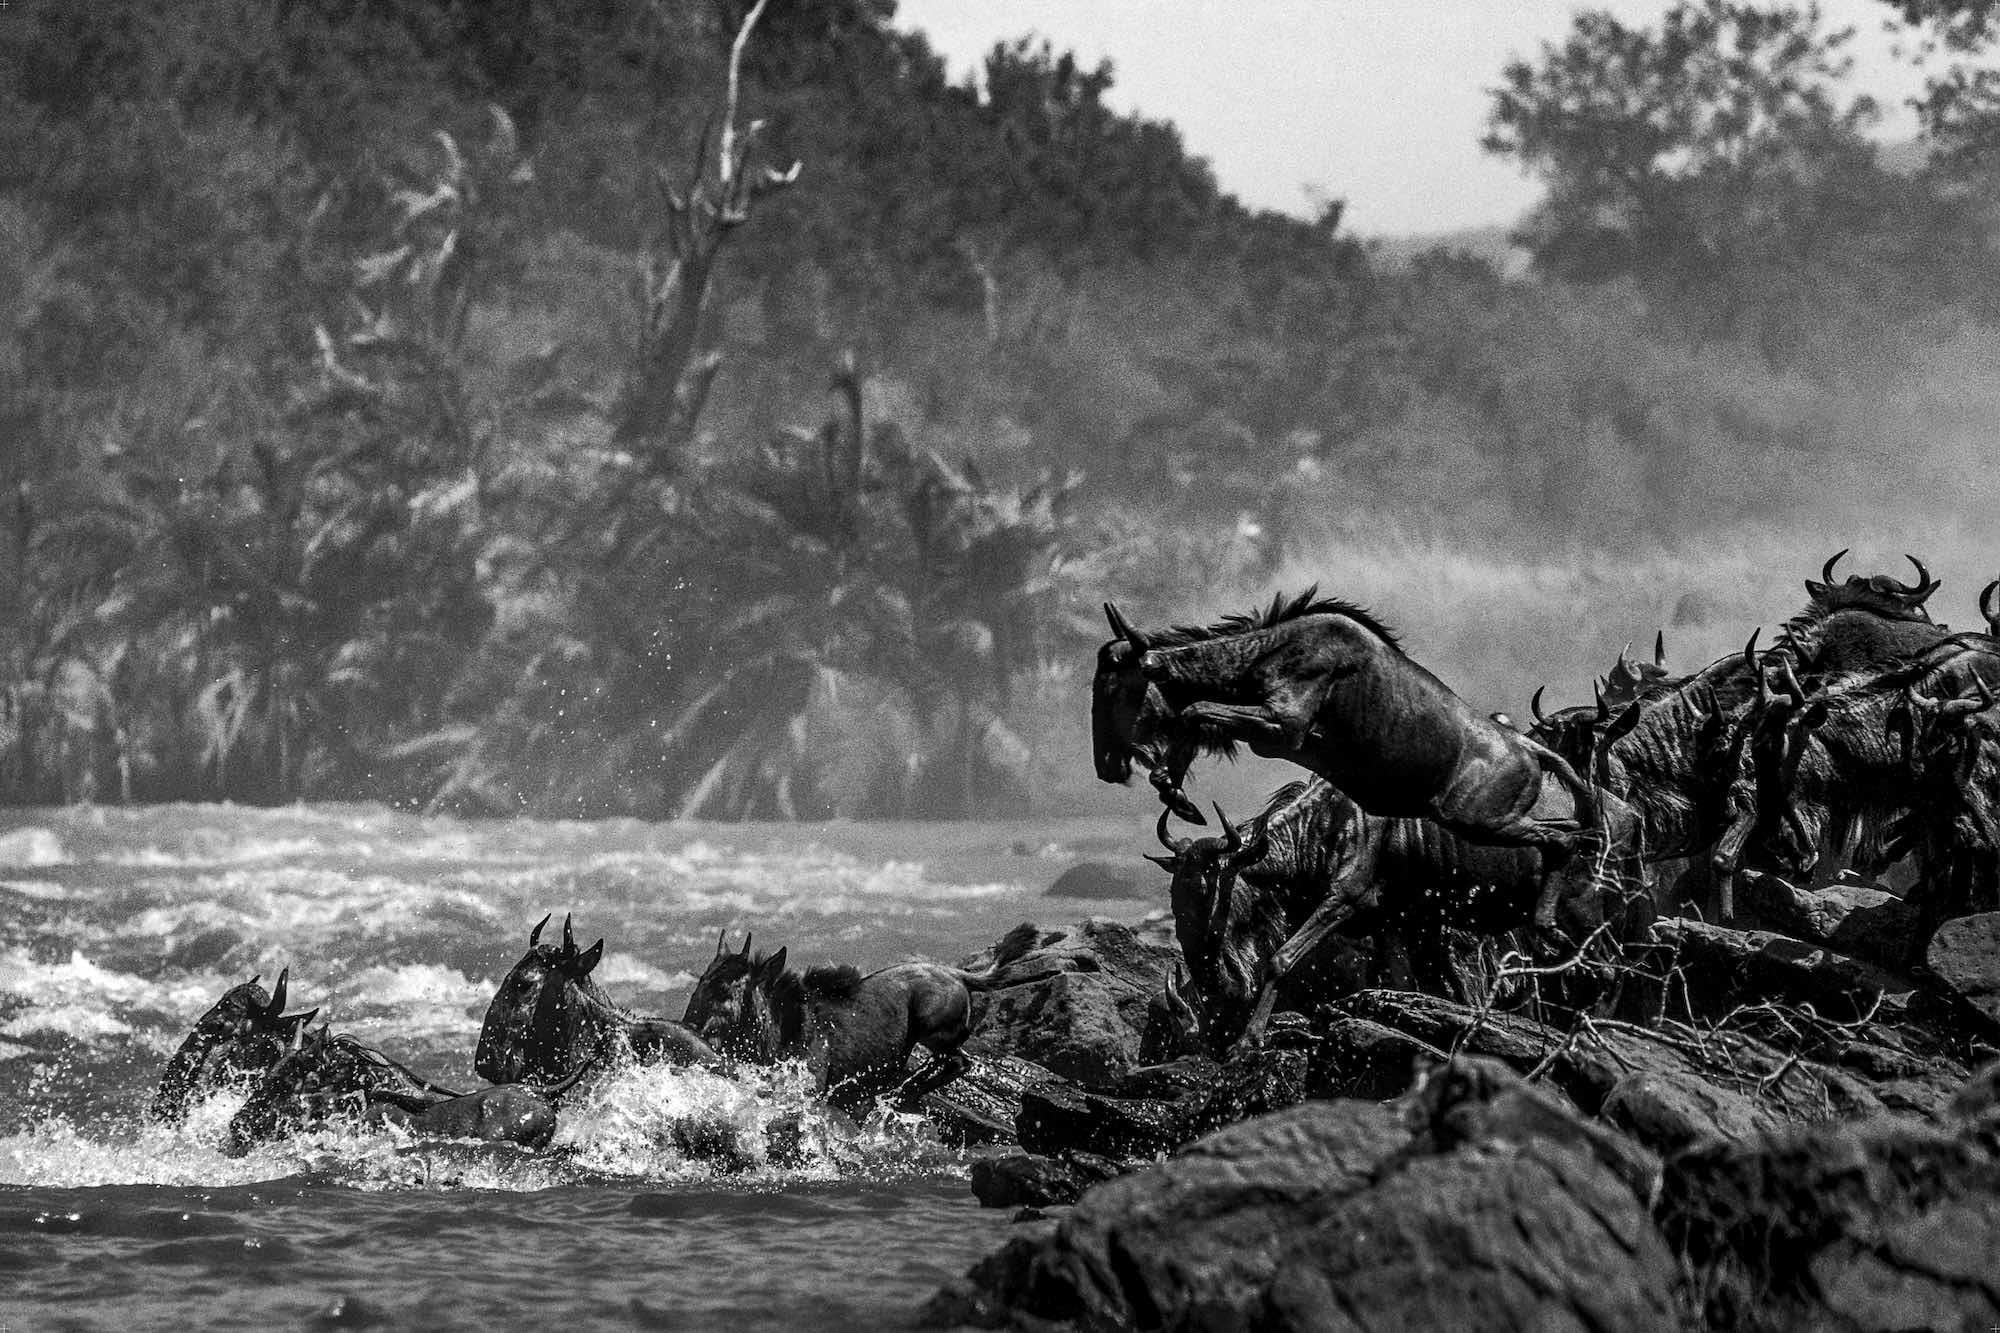 Mara River - Yann Arthus-Bertrand